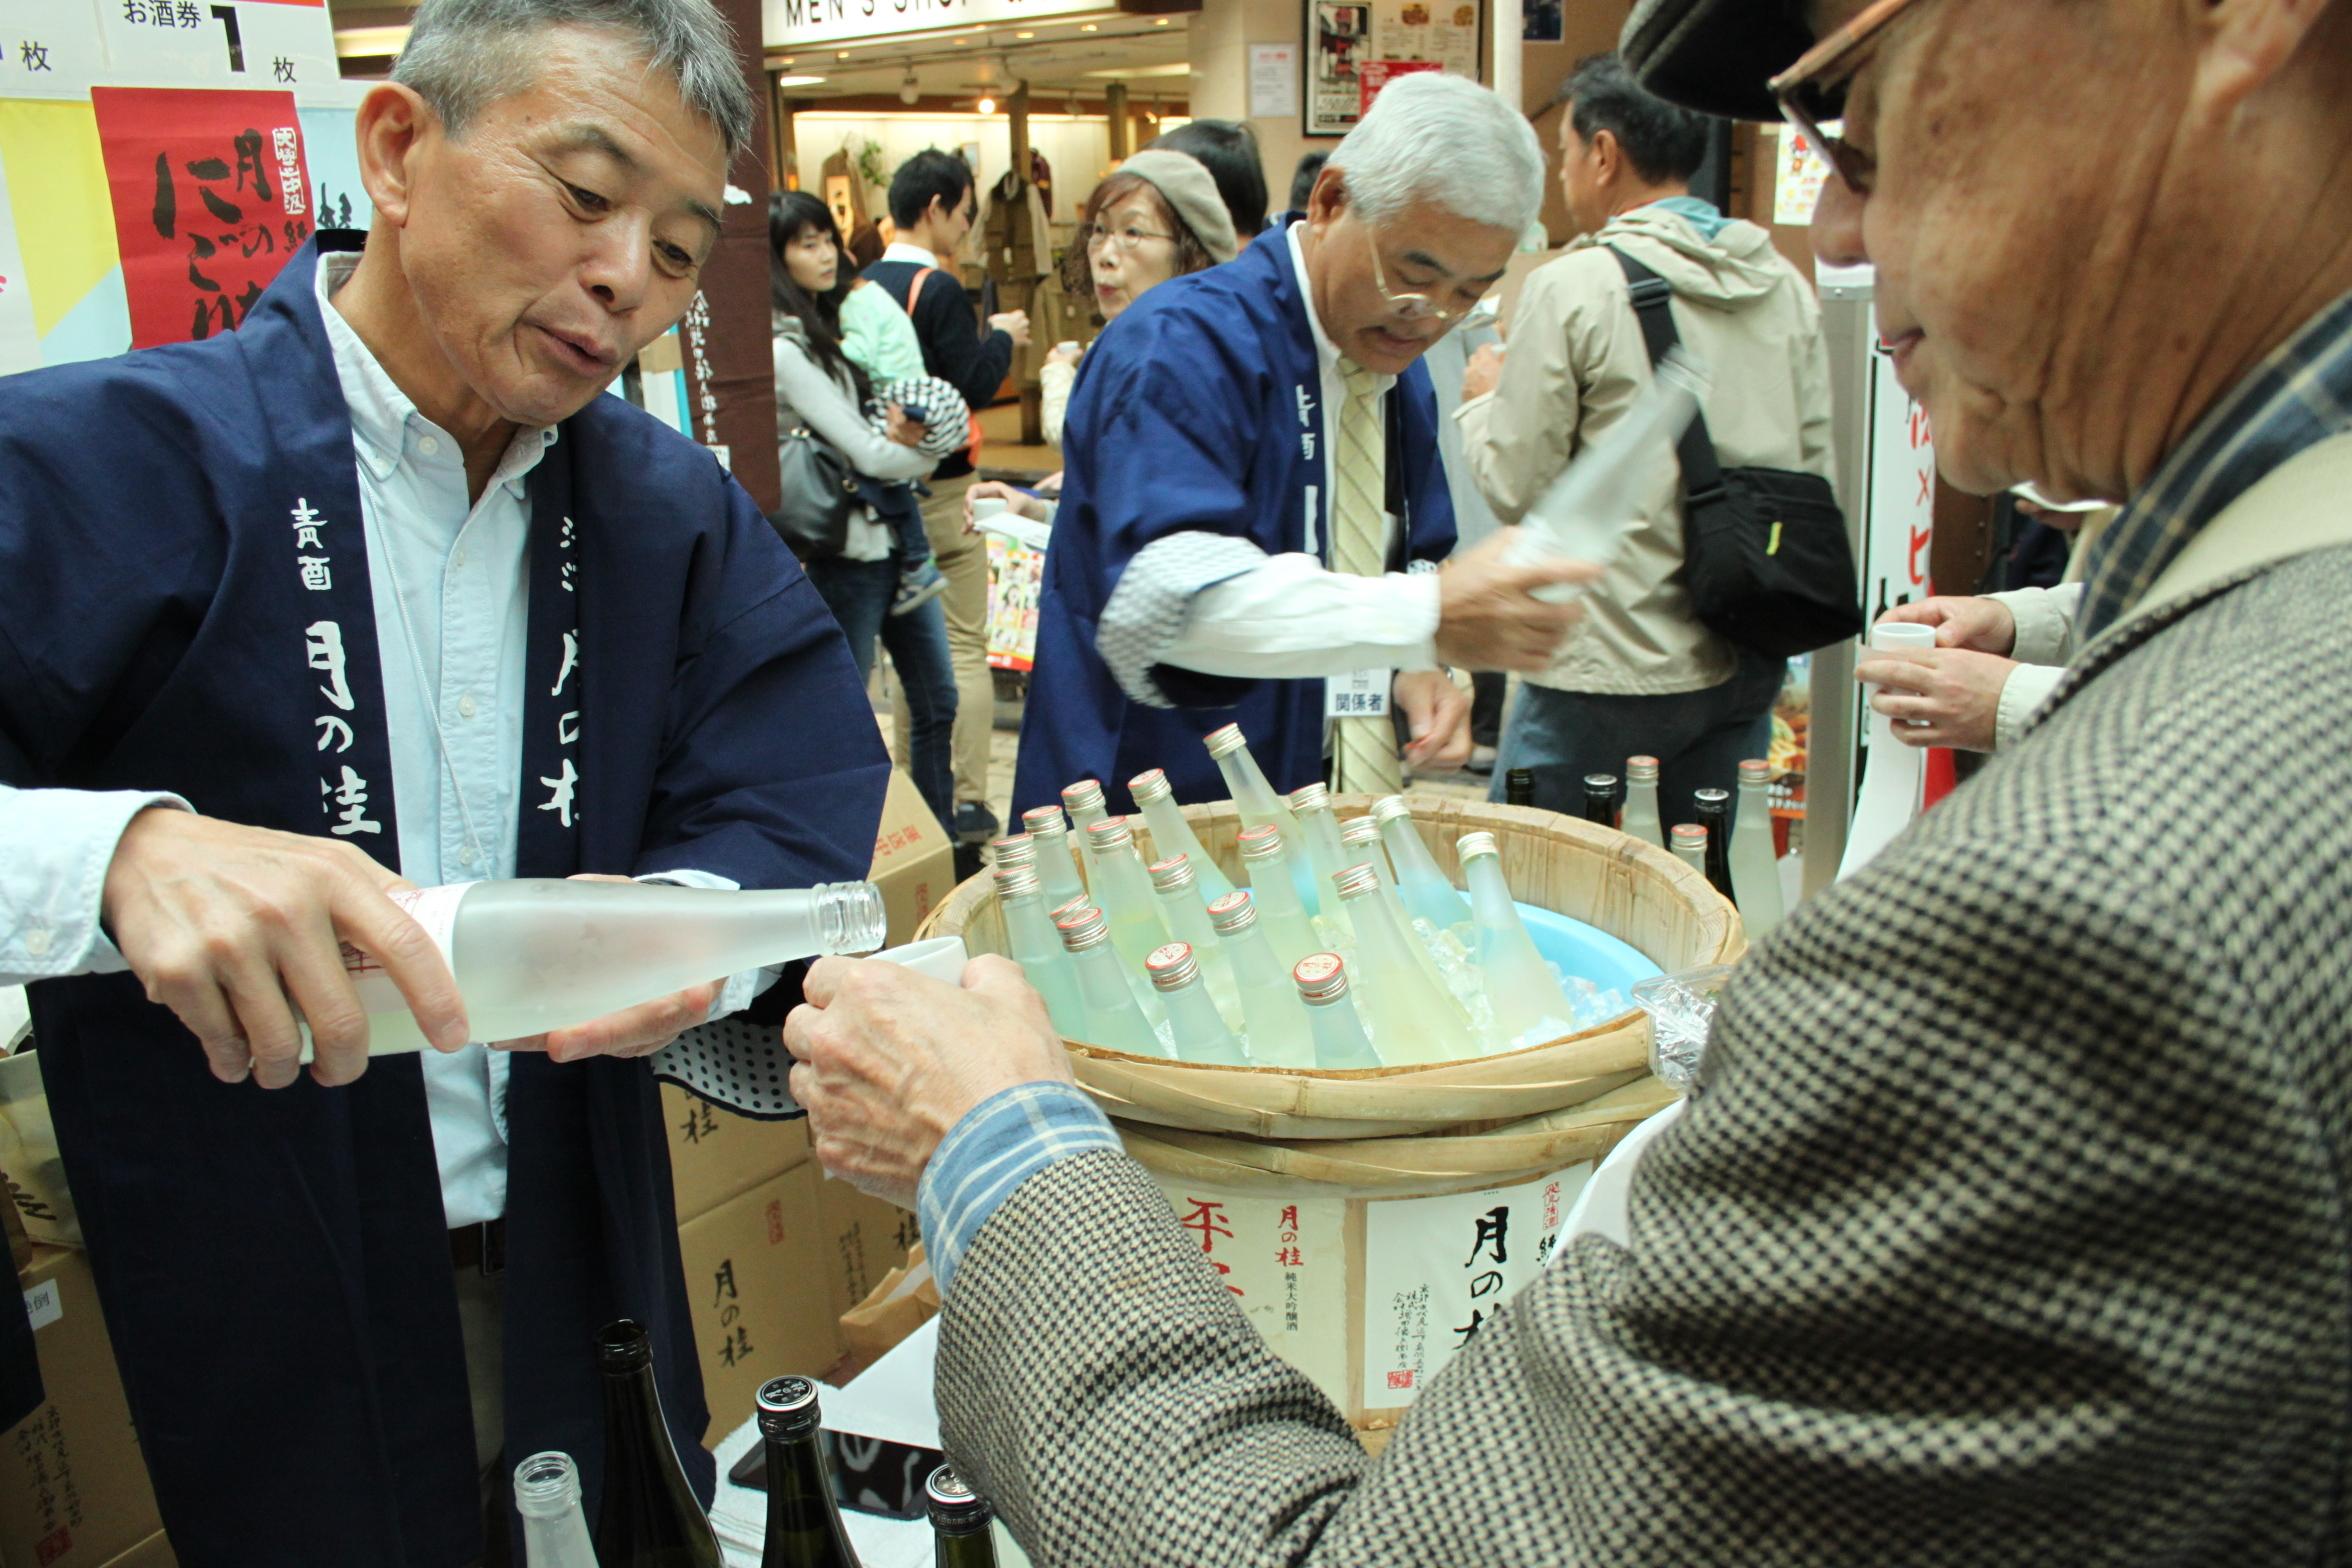 伏見の清酒まつり in 大手筋商店街 2017